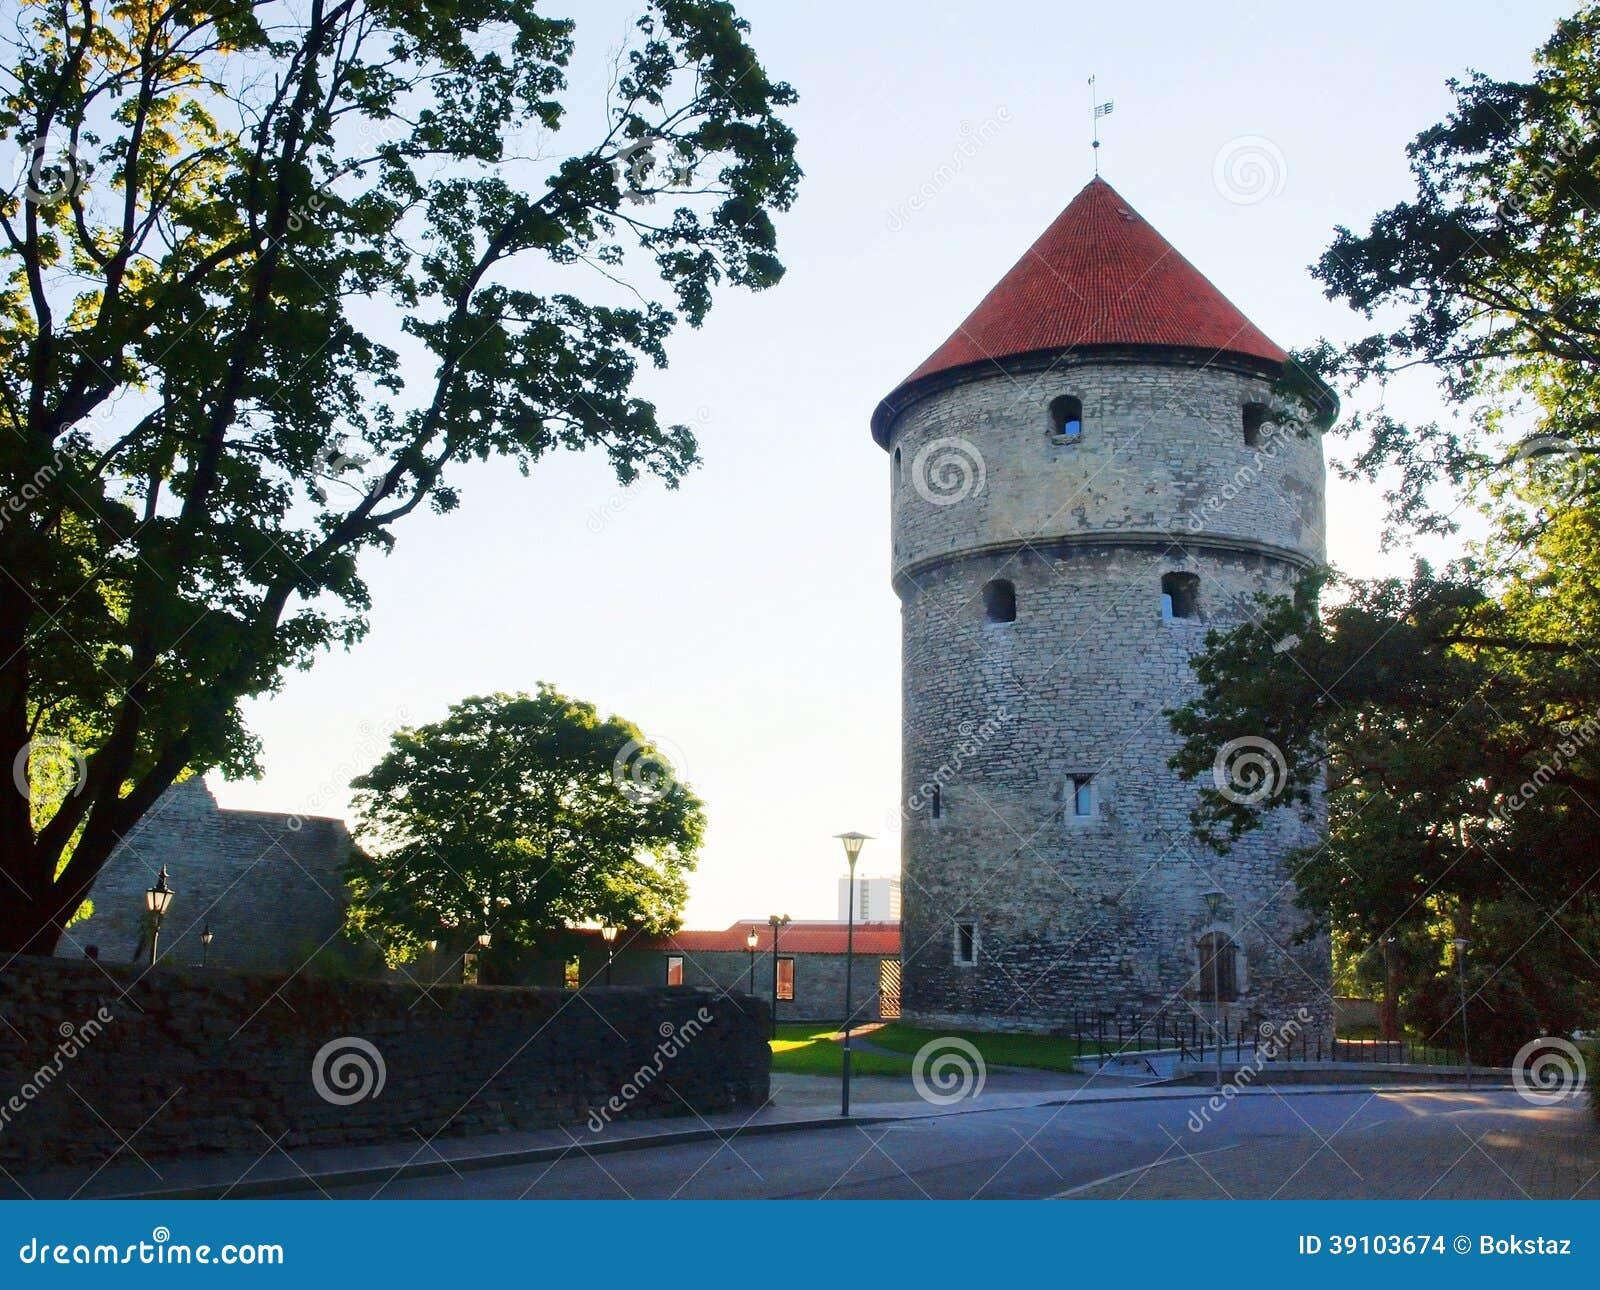 Middeleeuwse torens - een deel van de stadsmuur. Tallinn